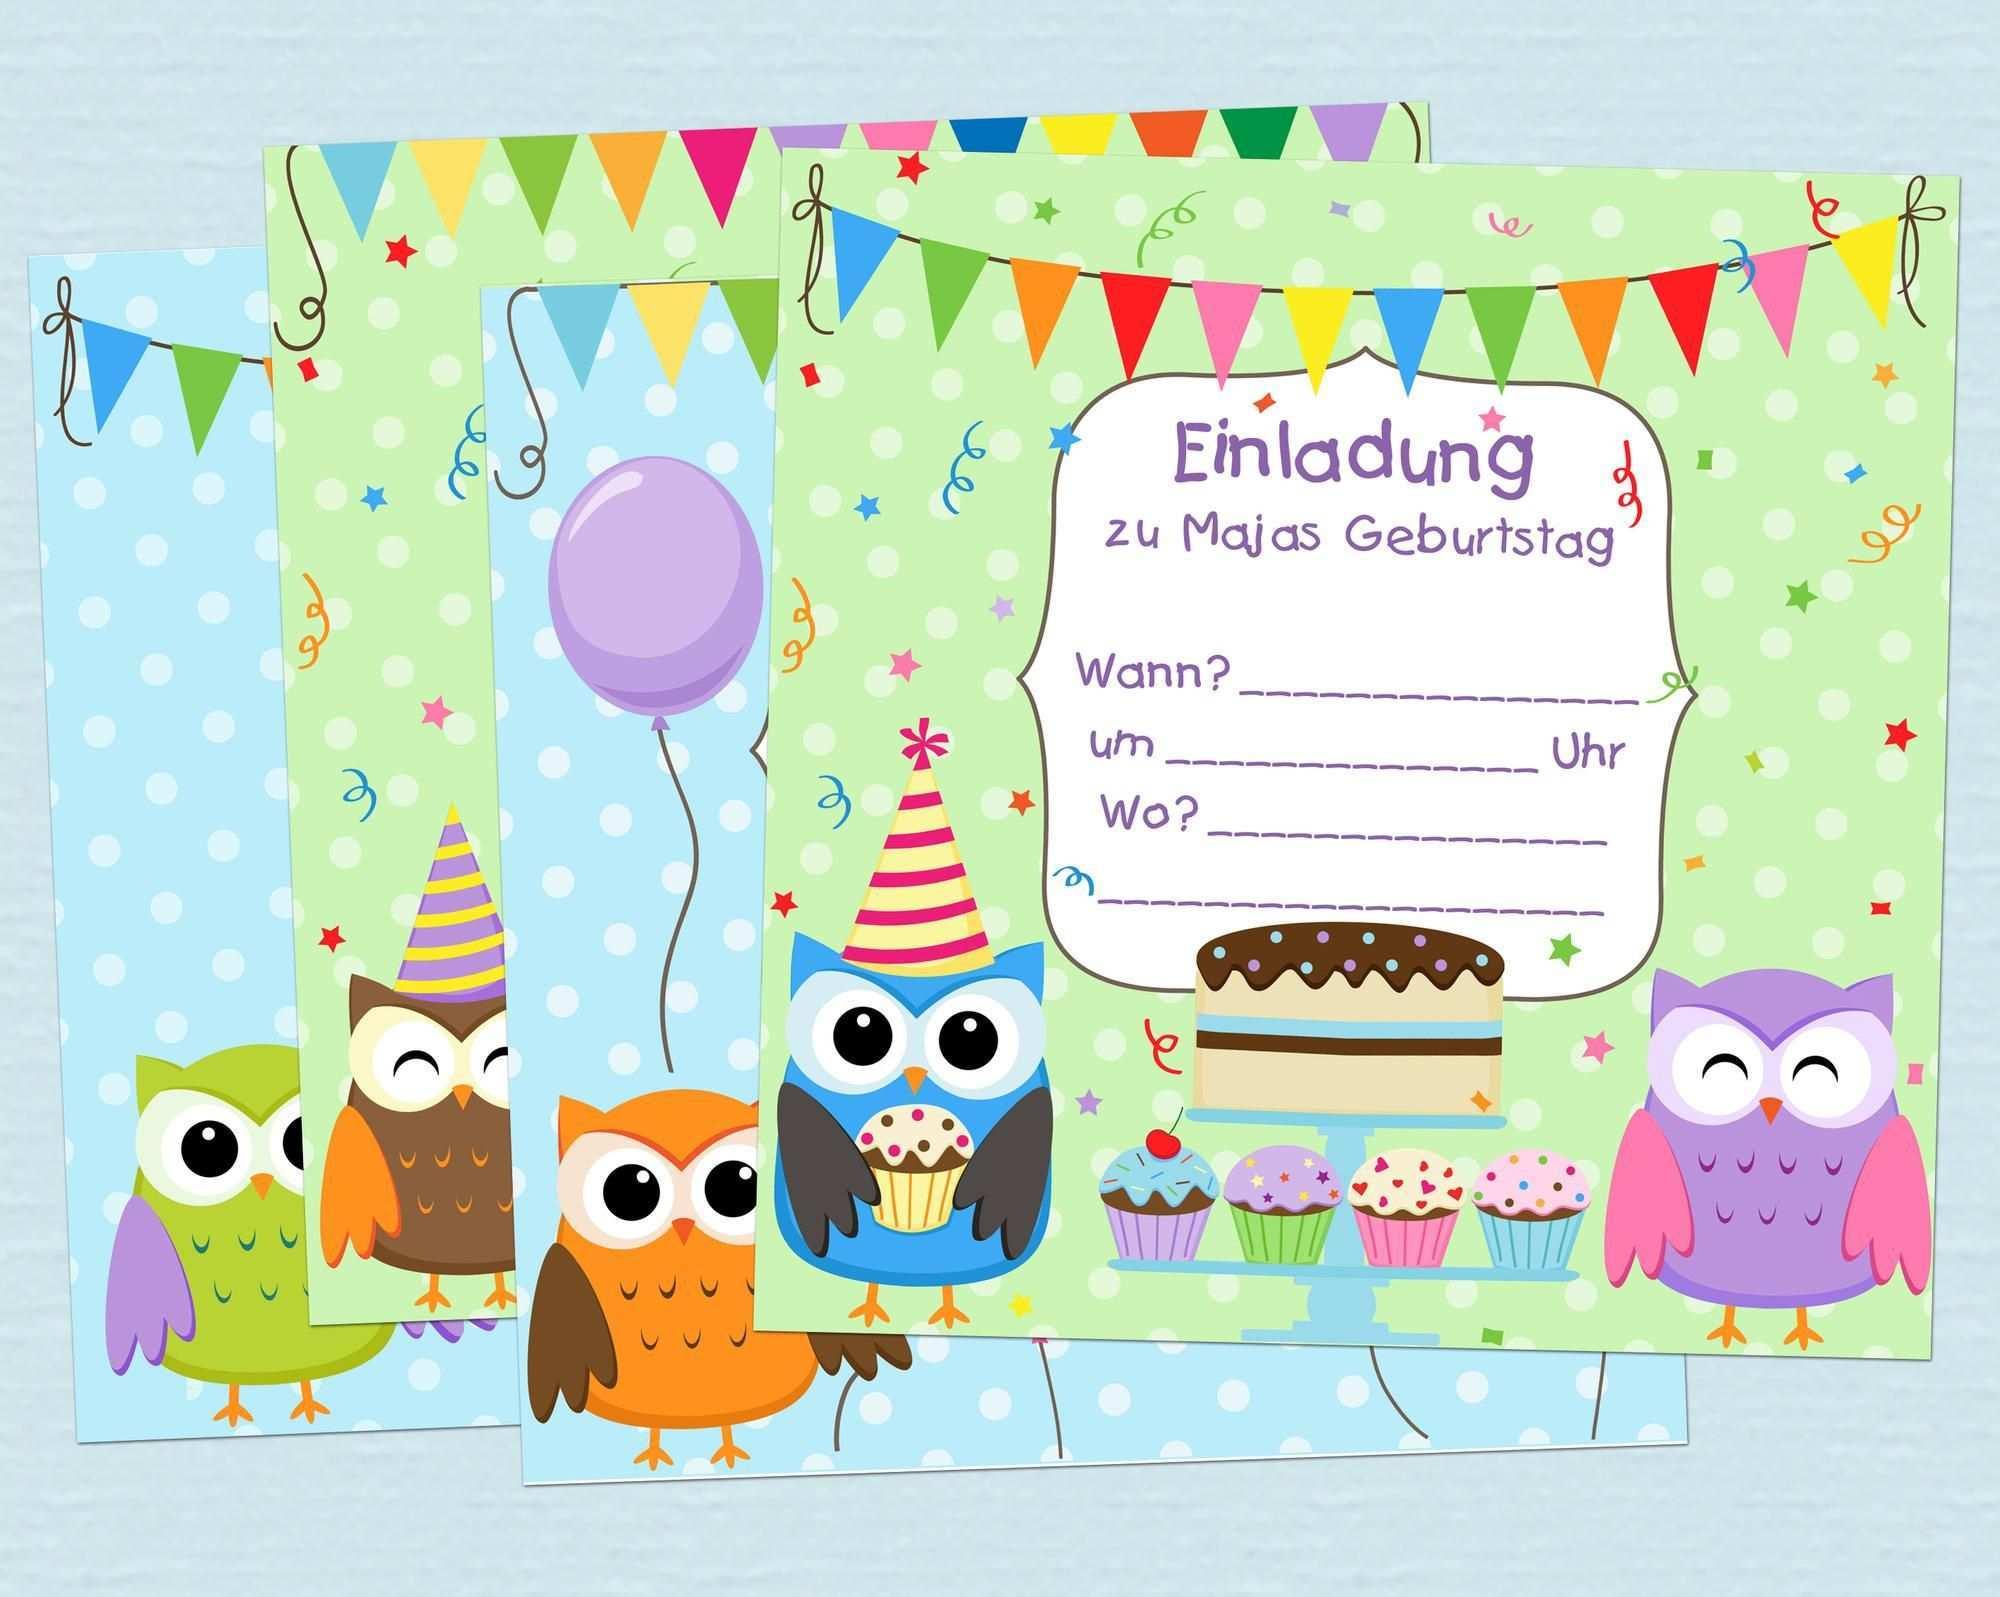 Einladungskarten Kindergeburtstag Basteln Ausdrucken Kost Einladungskarten Kindergeburtstag Vorlage Einladung Kindergeburtstag Einladungen Geburtstag Kostenlos